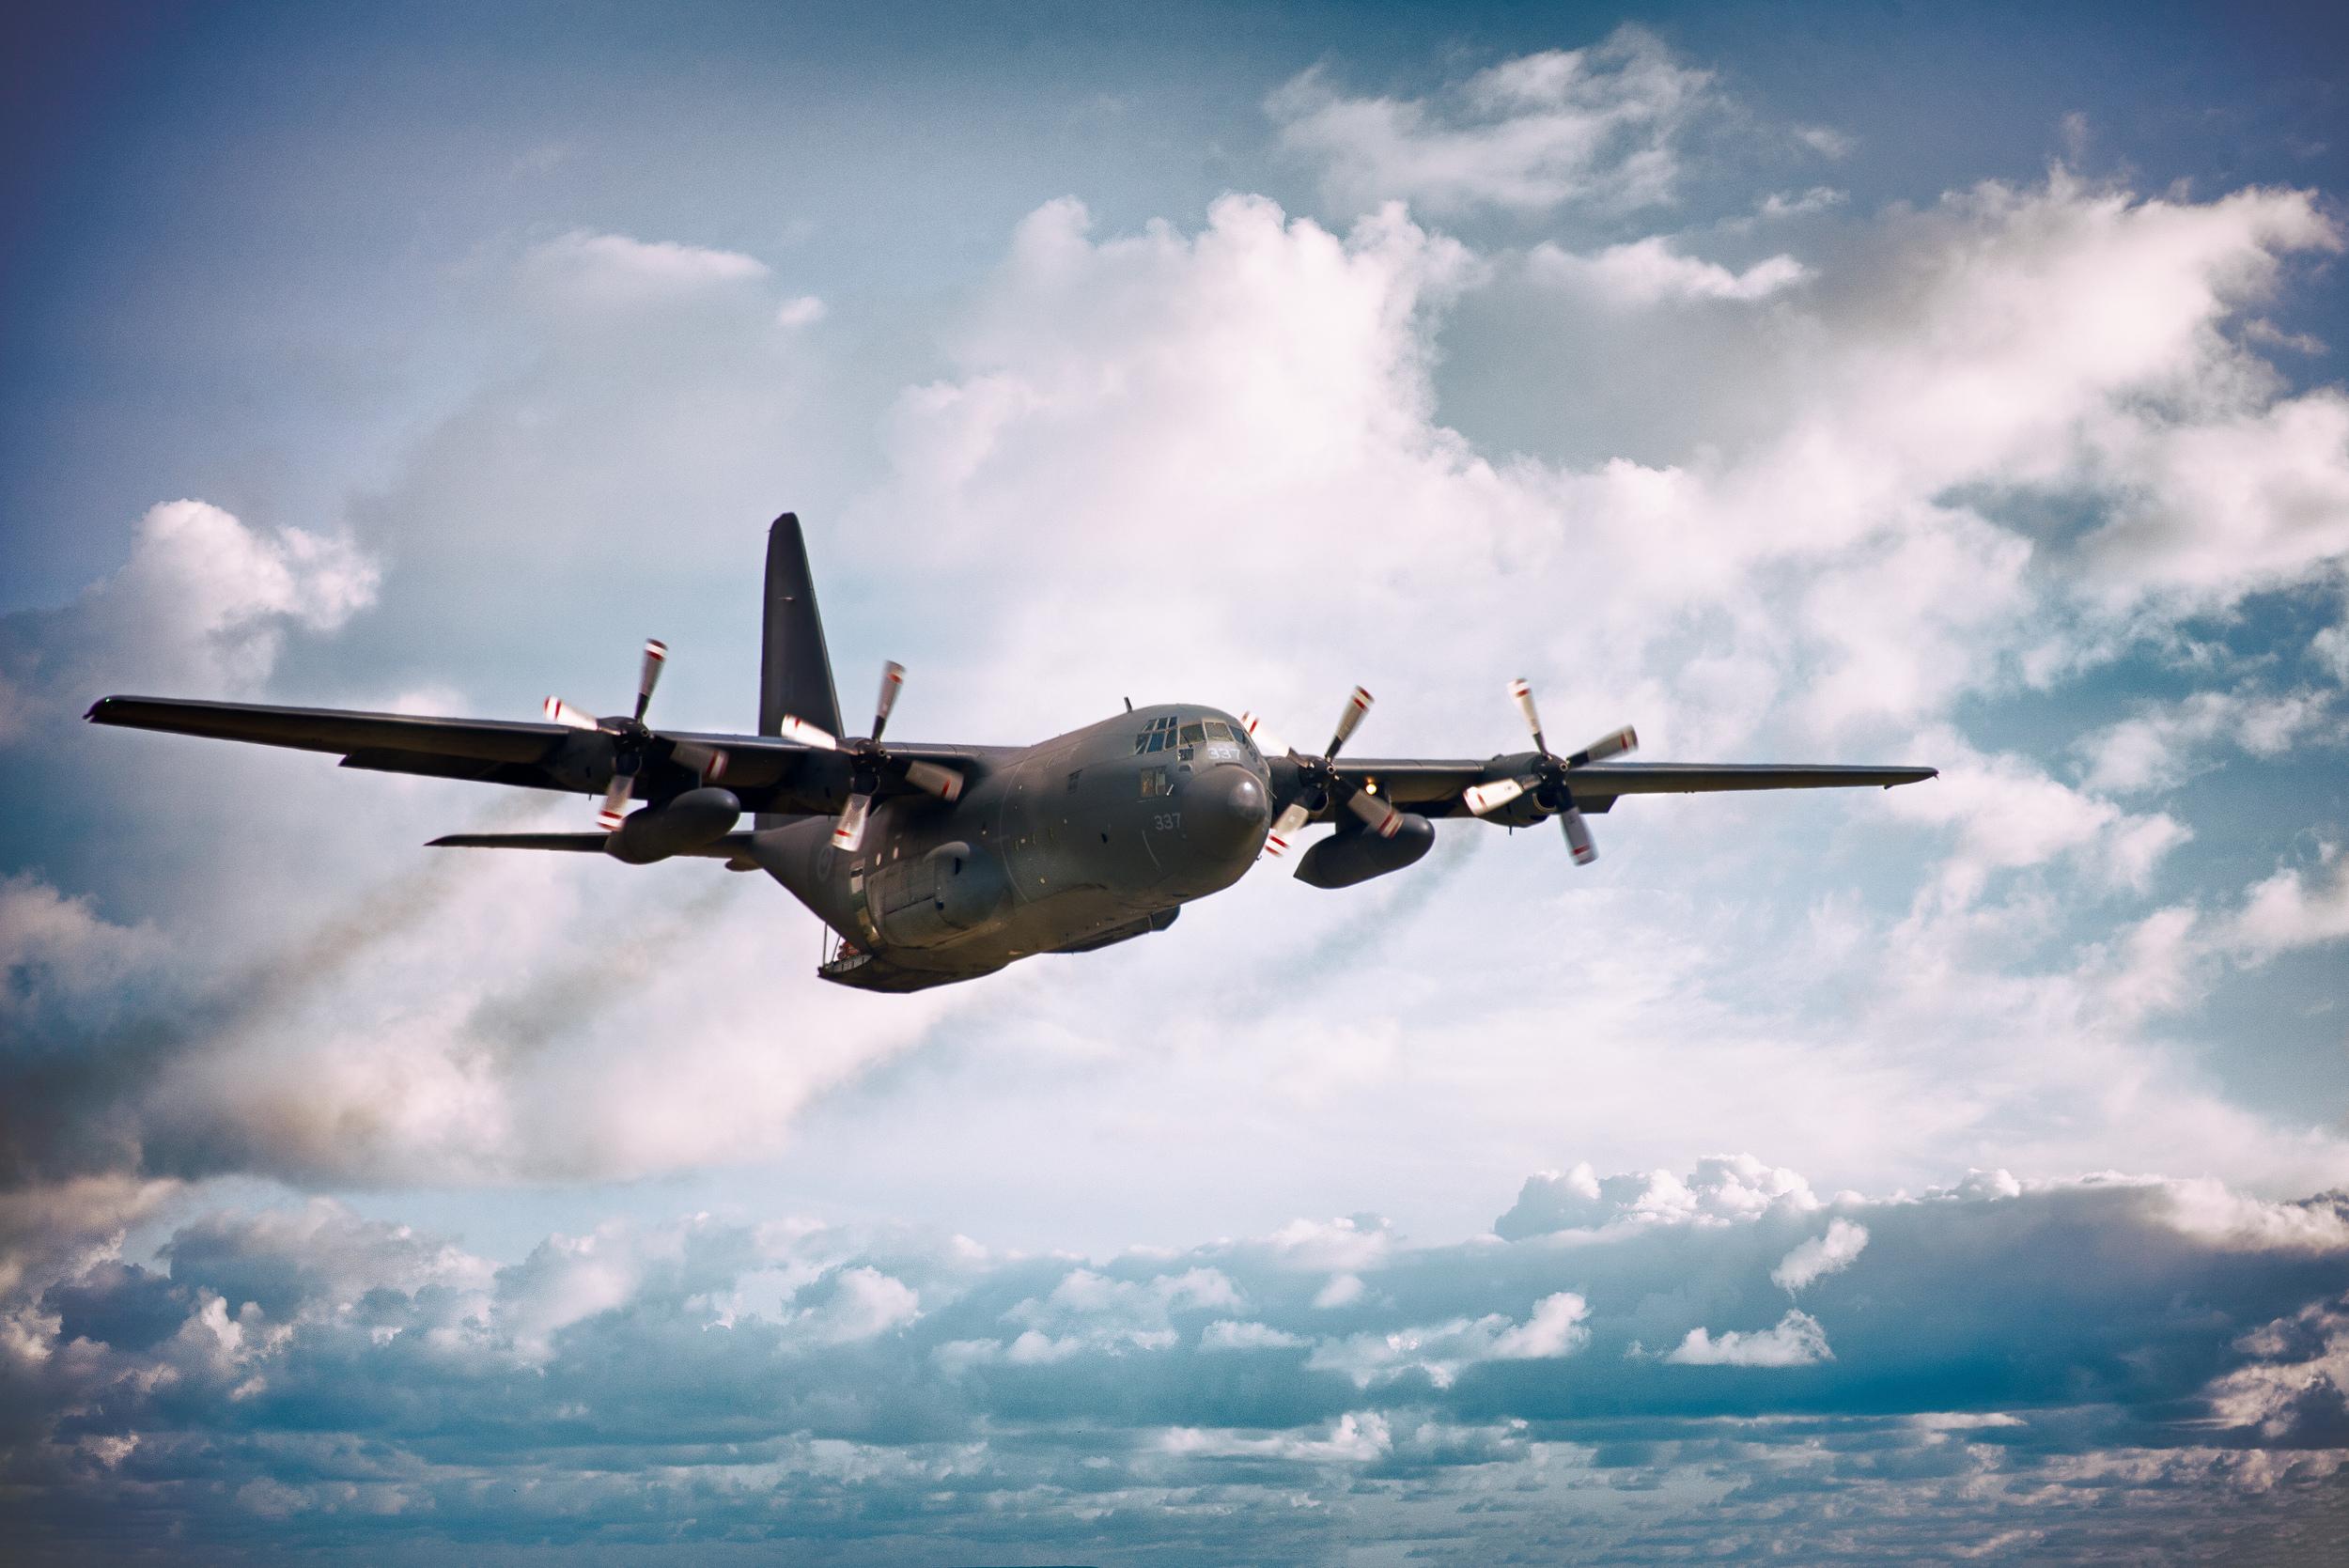 C-130 Hercules - Print.jpg